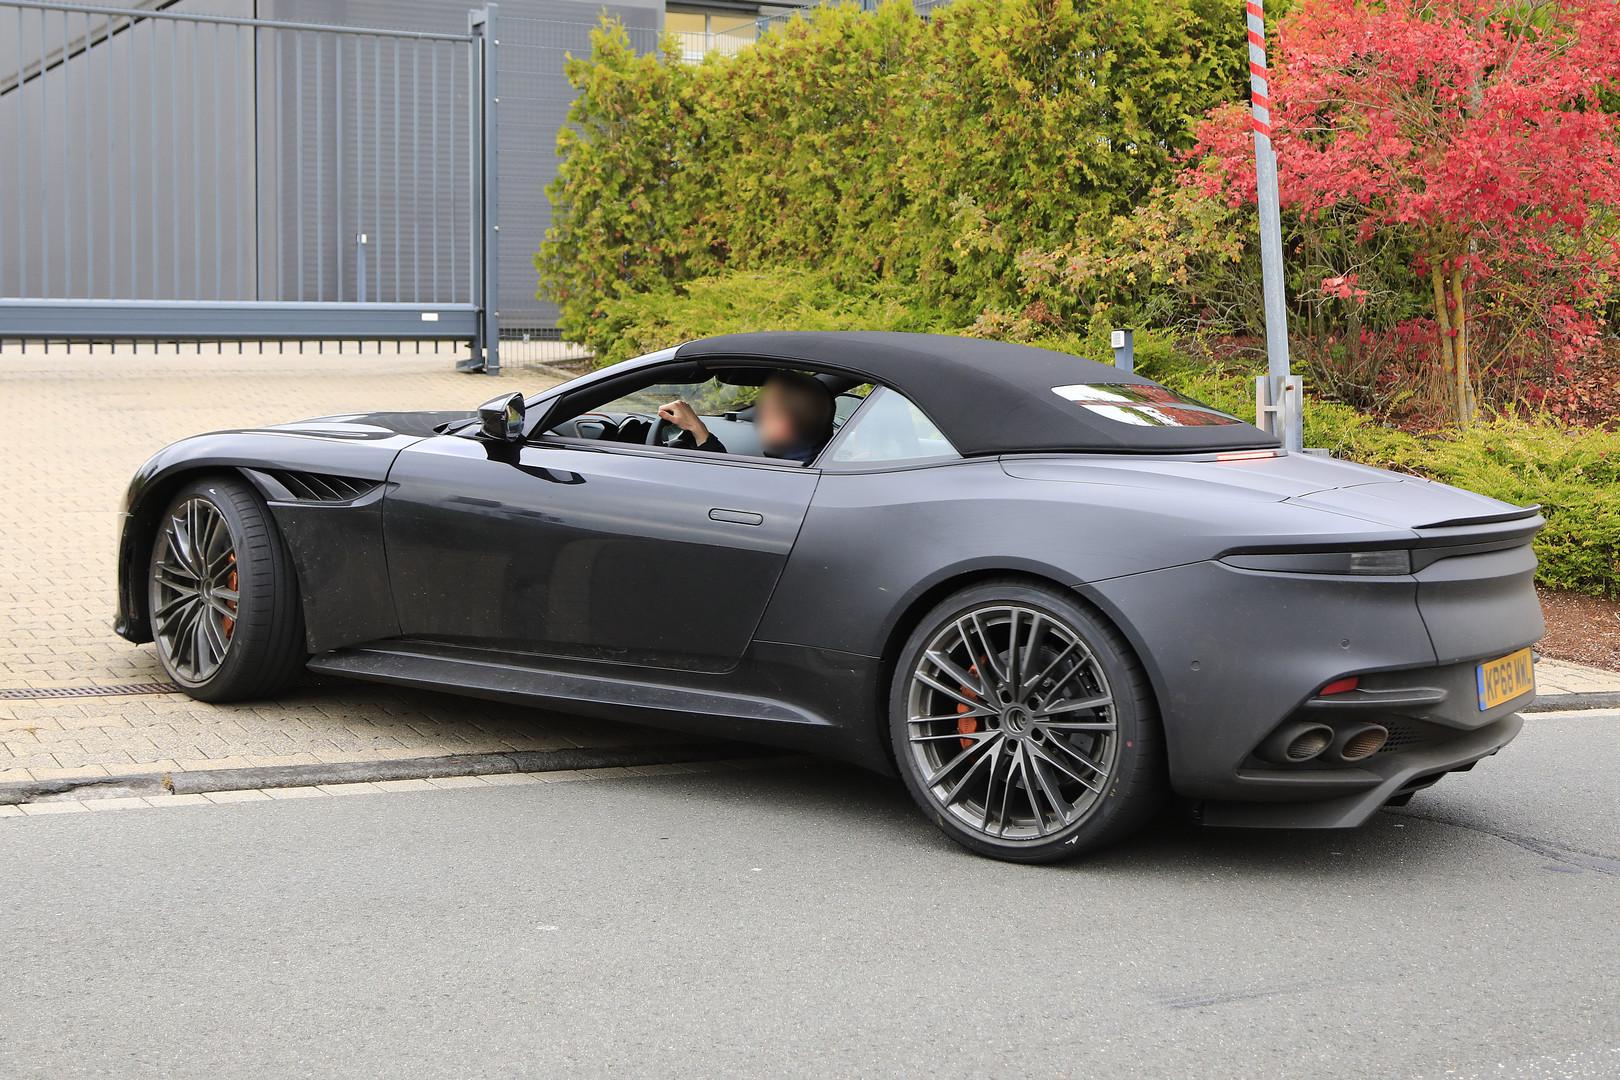 ASTON MARTIN DBS Volante specs & photos - 2009, 2010, 2011 ...  |Aston Martin Dbs Volante